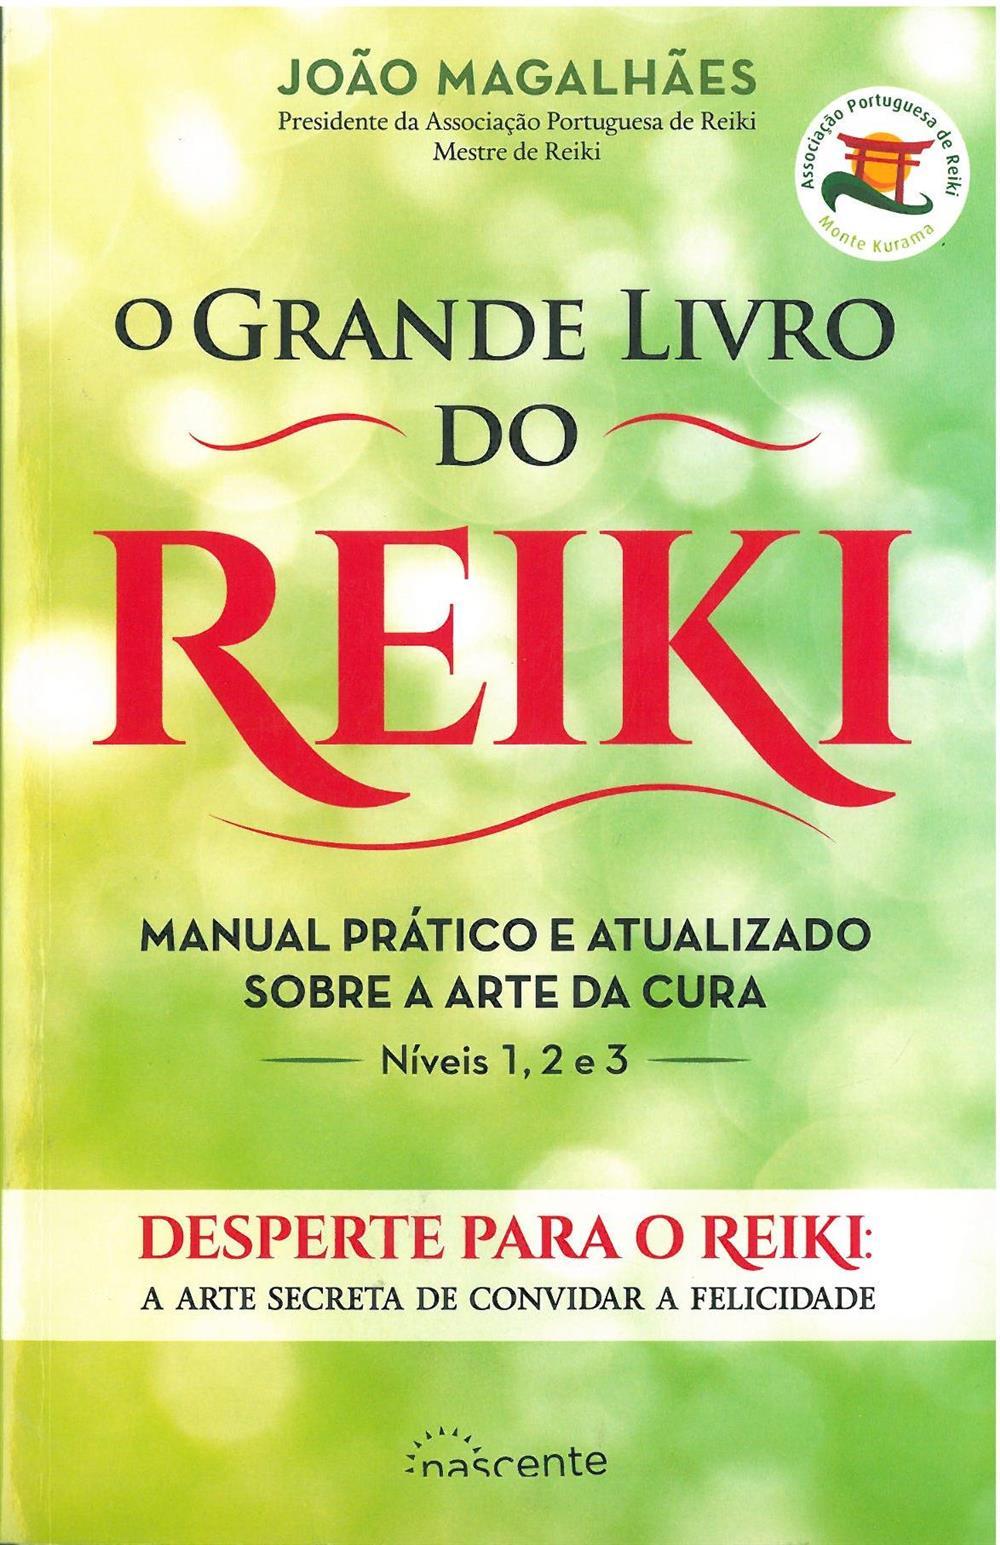 O grande livro do Reiki_.jpg